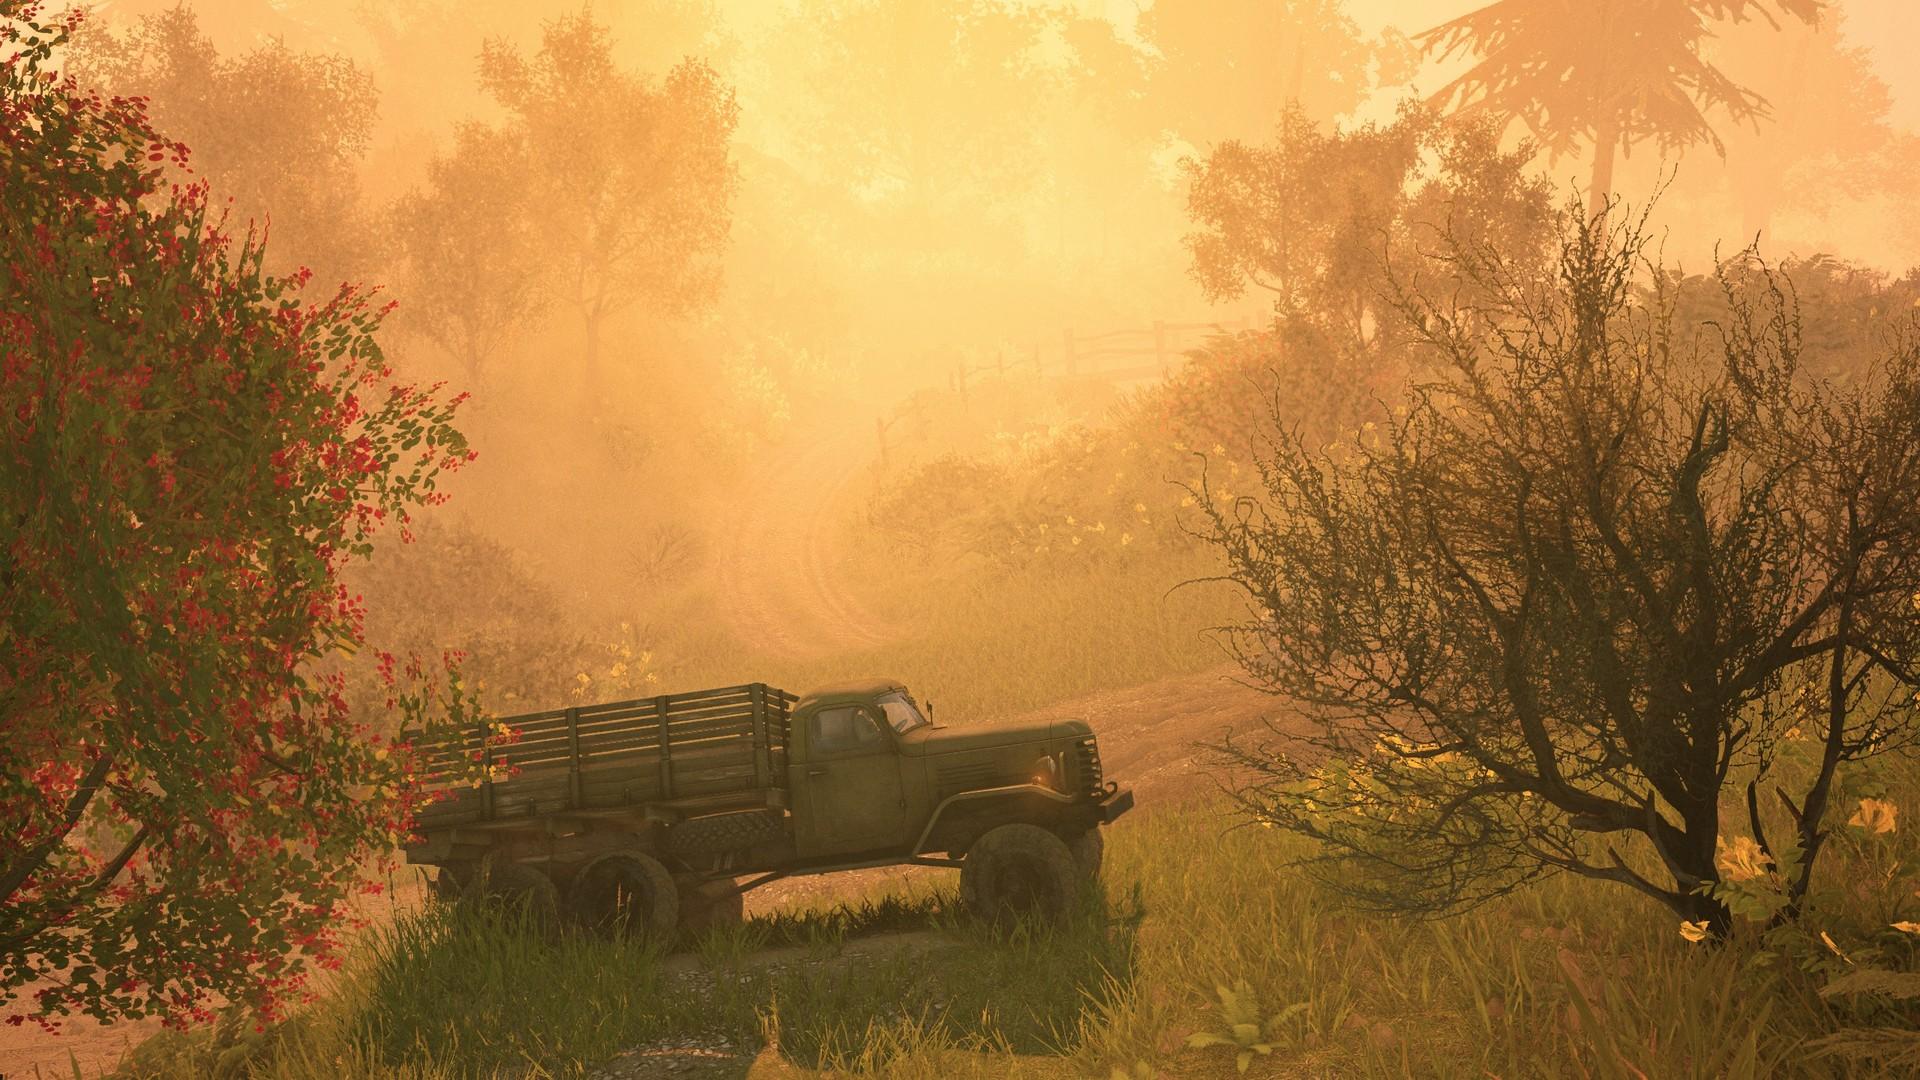 越野巨轮Spintires的China Adventure DLC正式上线 一款优秀独立游戏